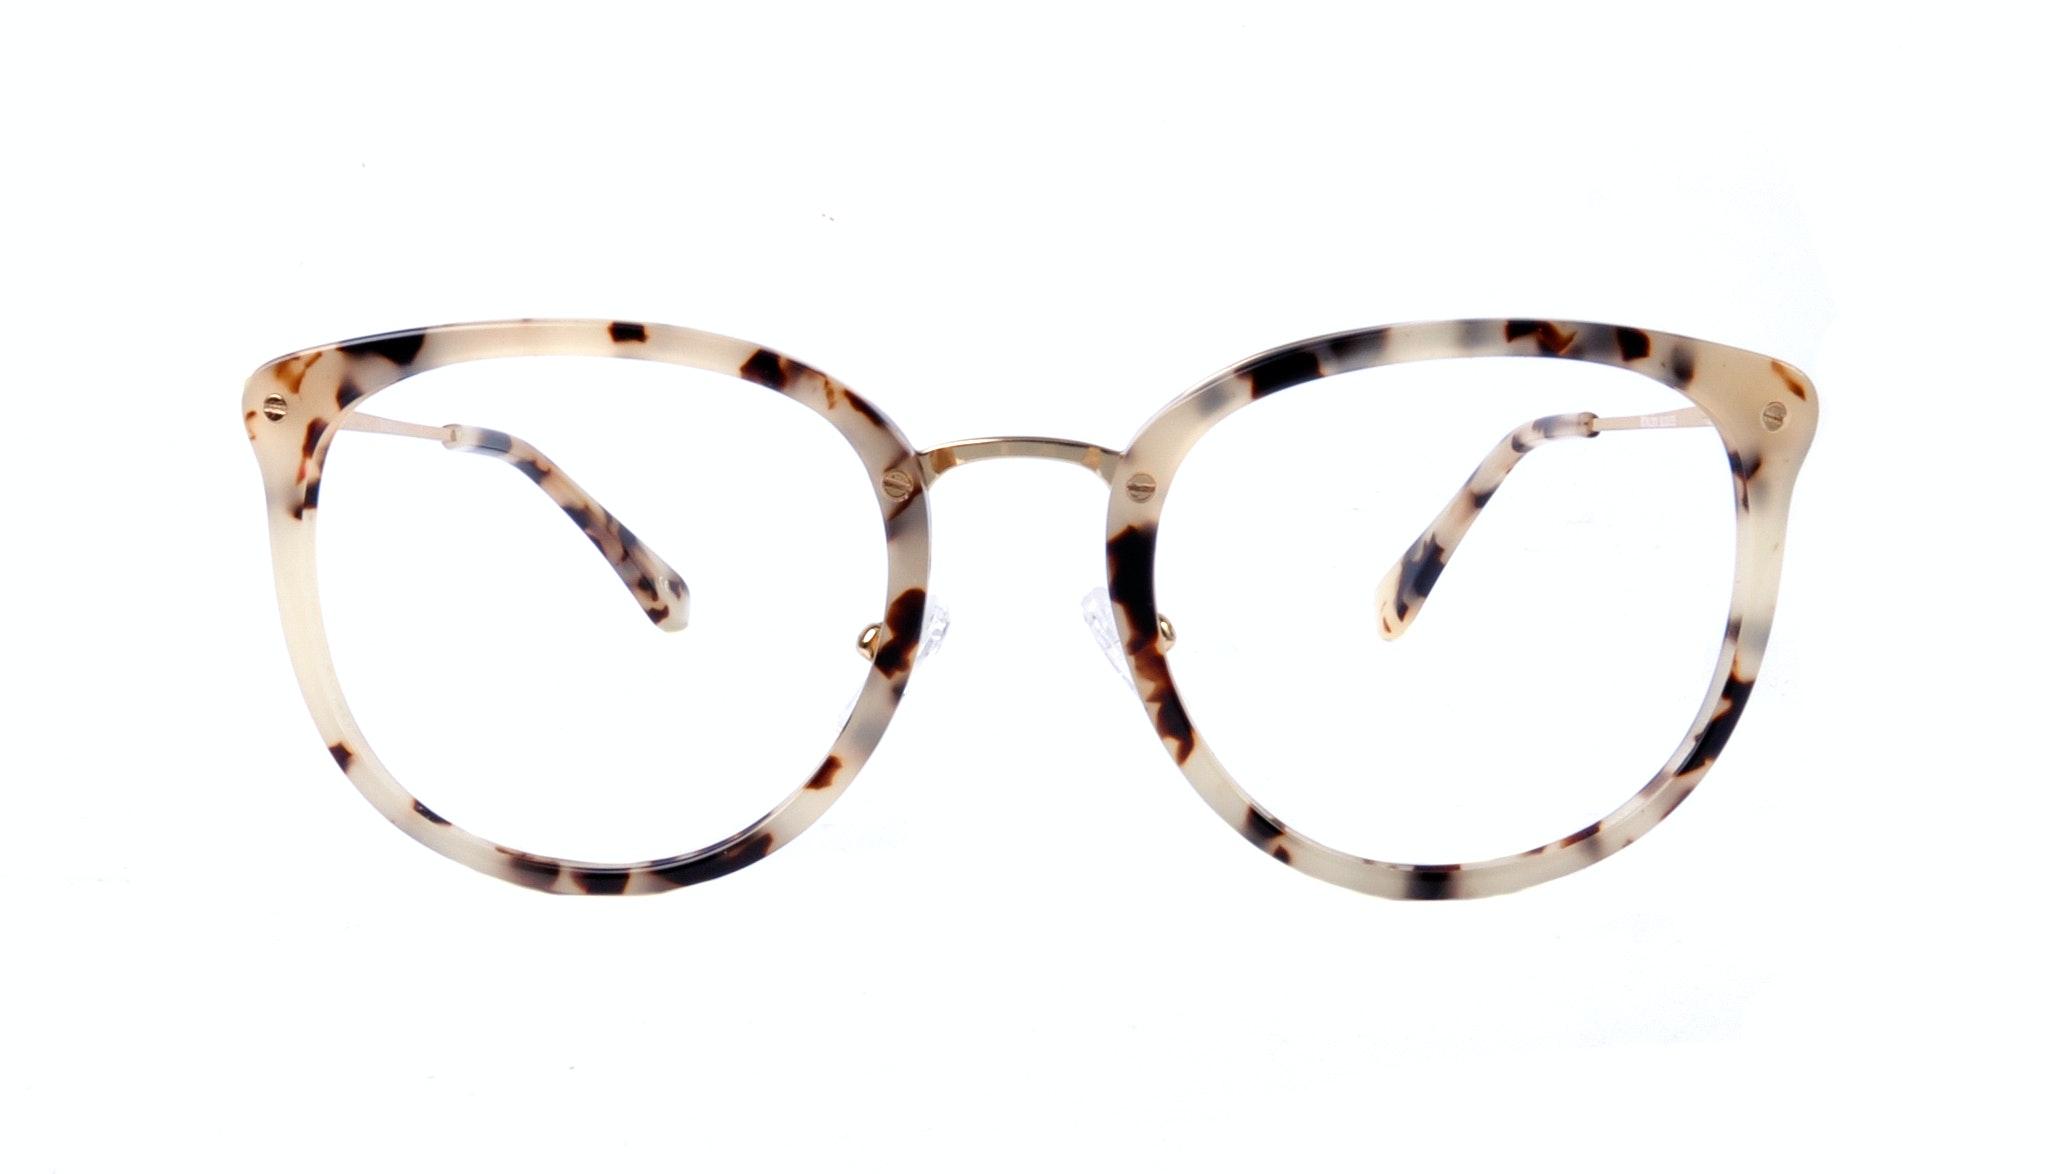 Lunettes tendance Ronde Optiques Femmes Amaze Granite